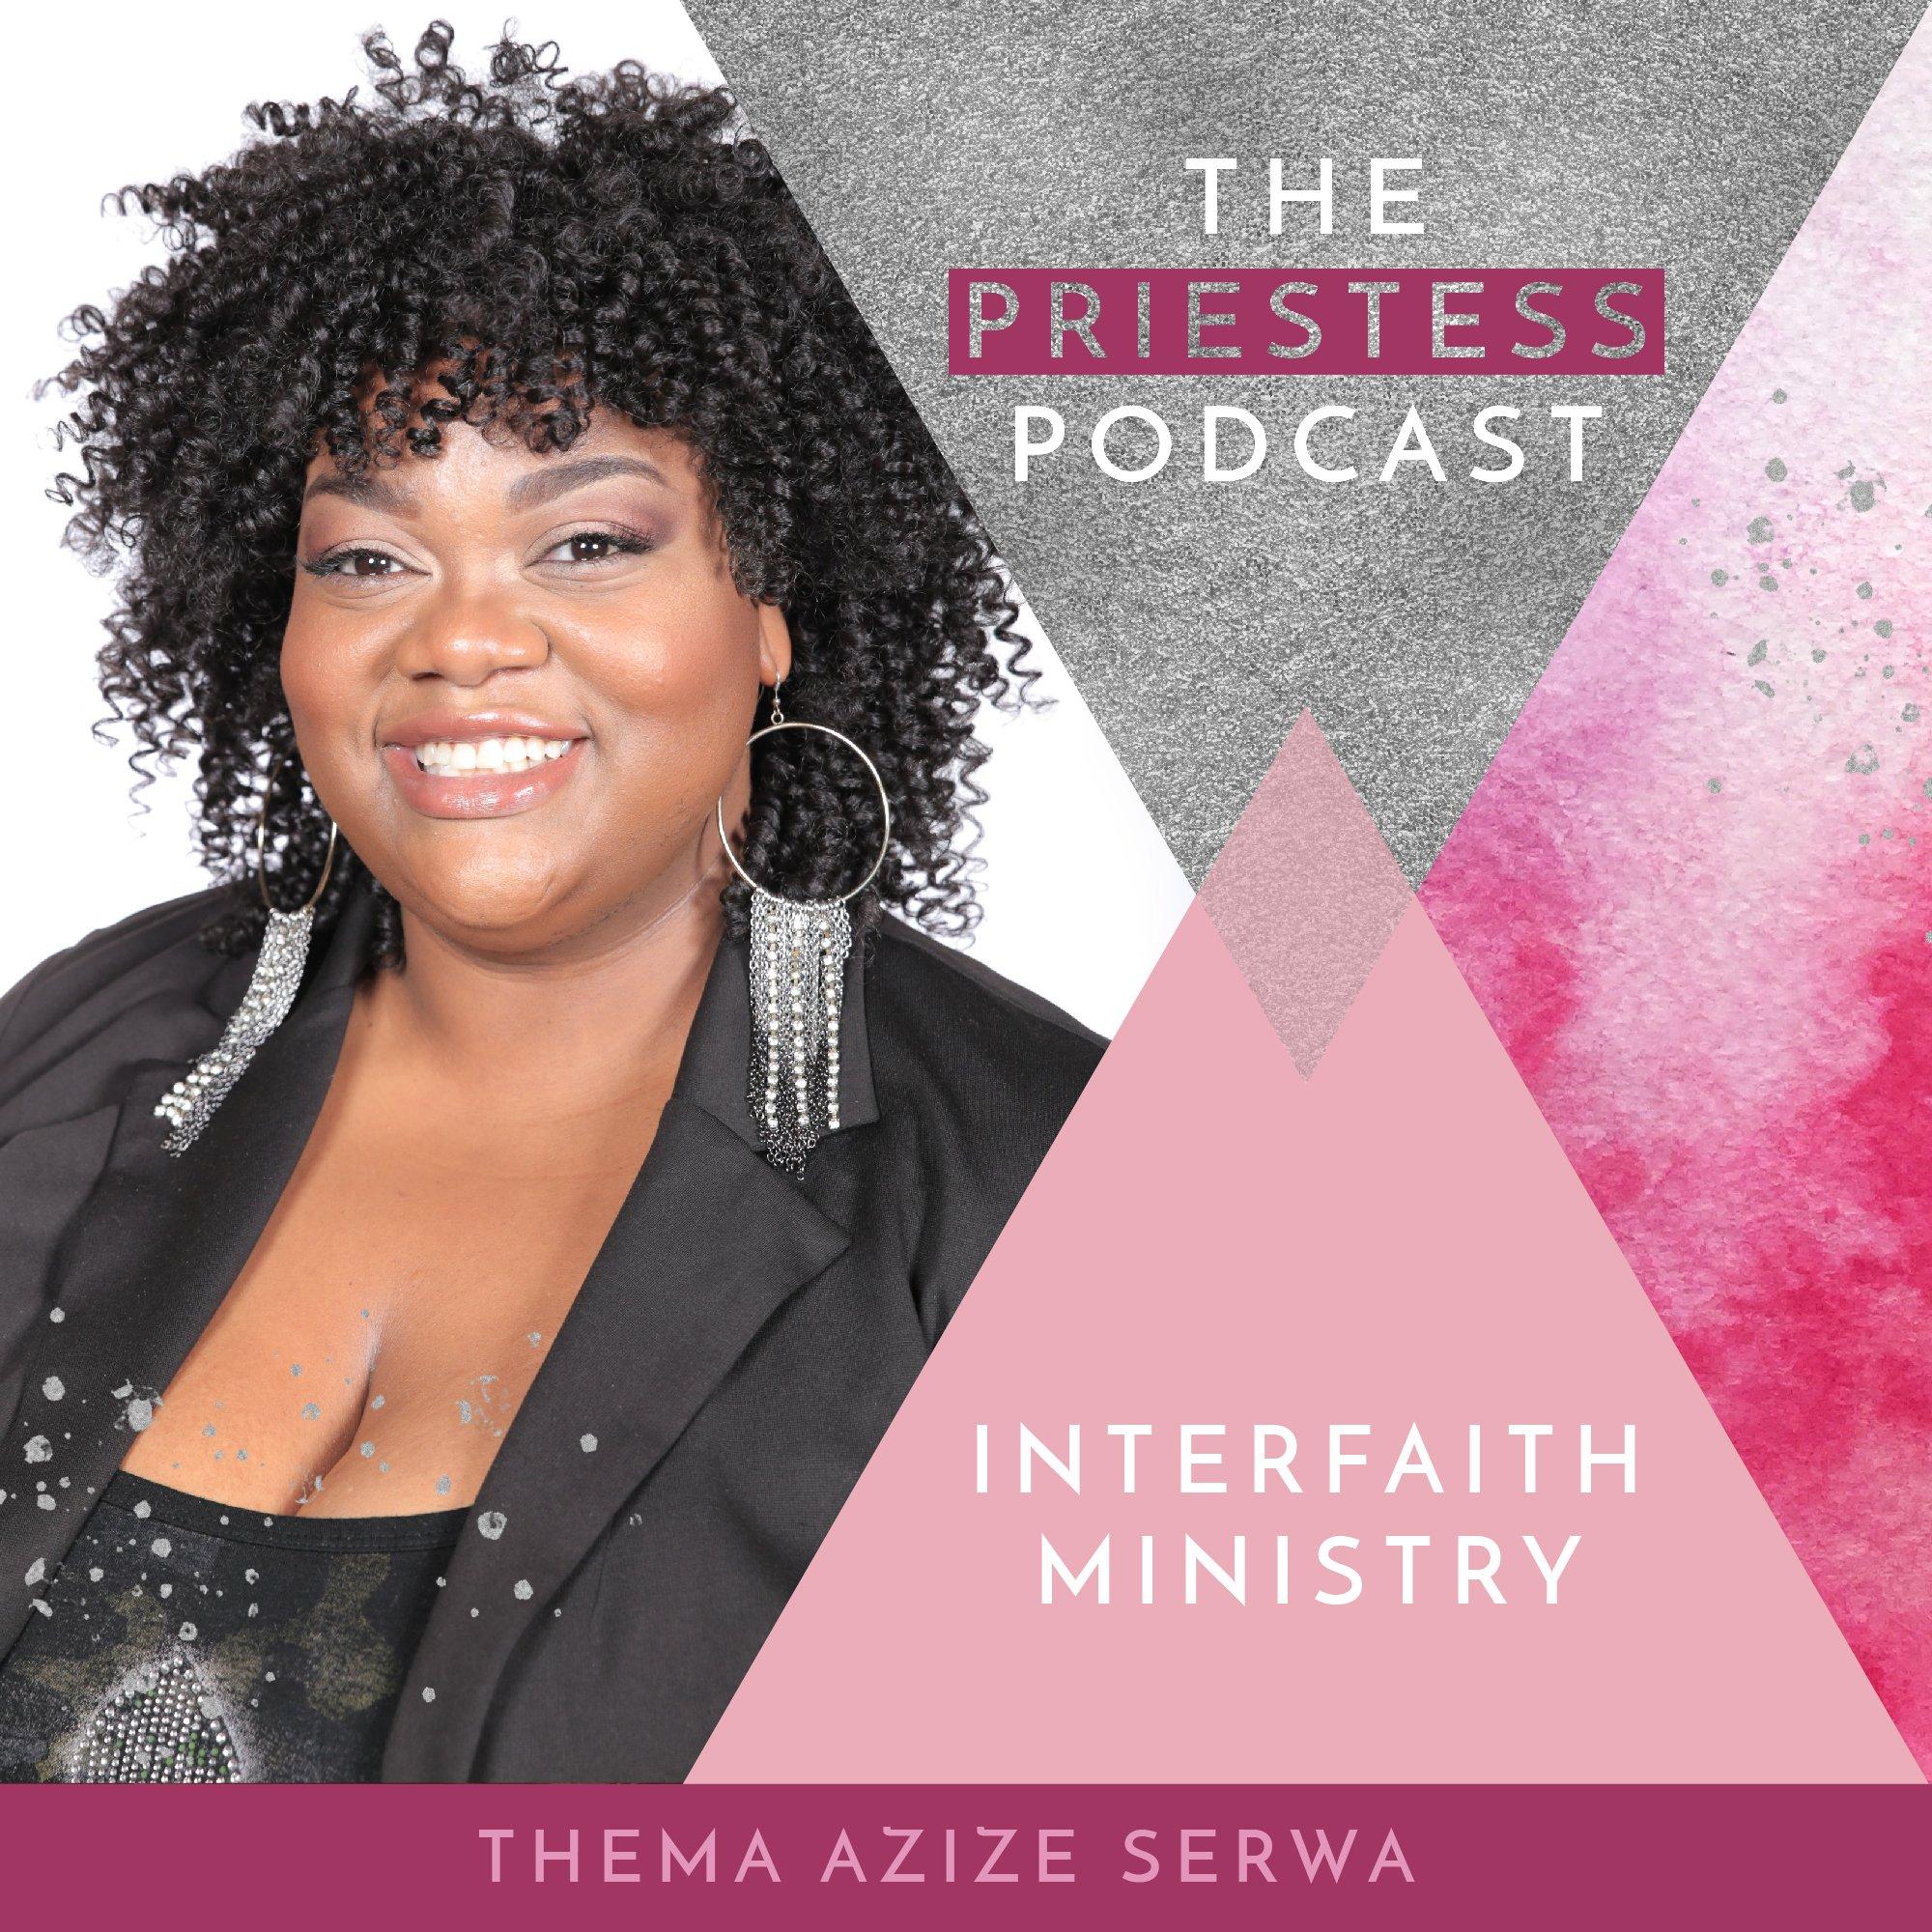 Thema Azize Serwa on Interfaith Ministry